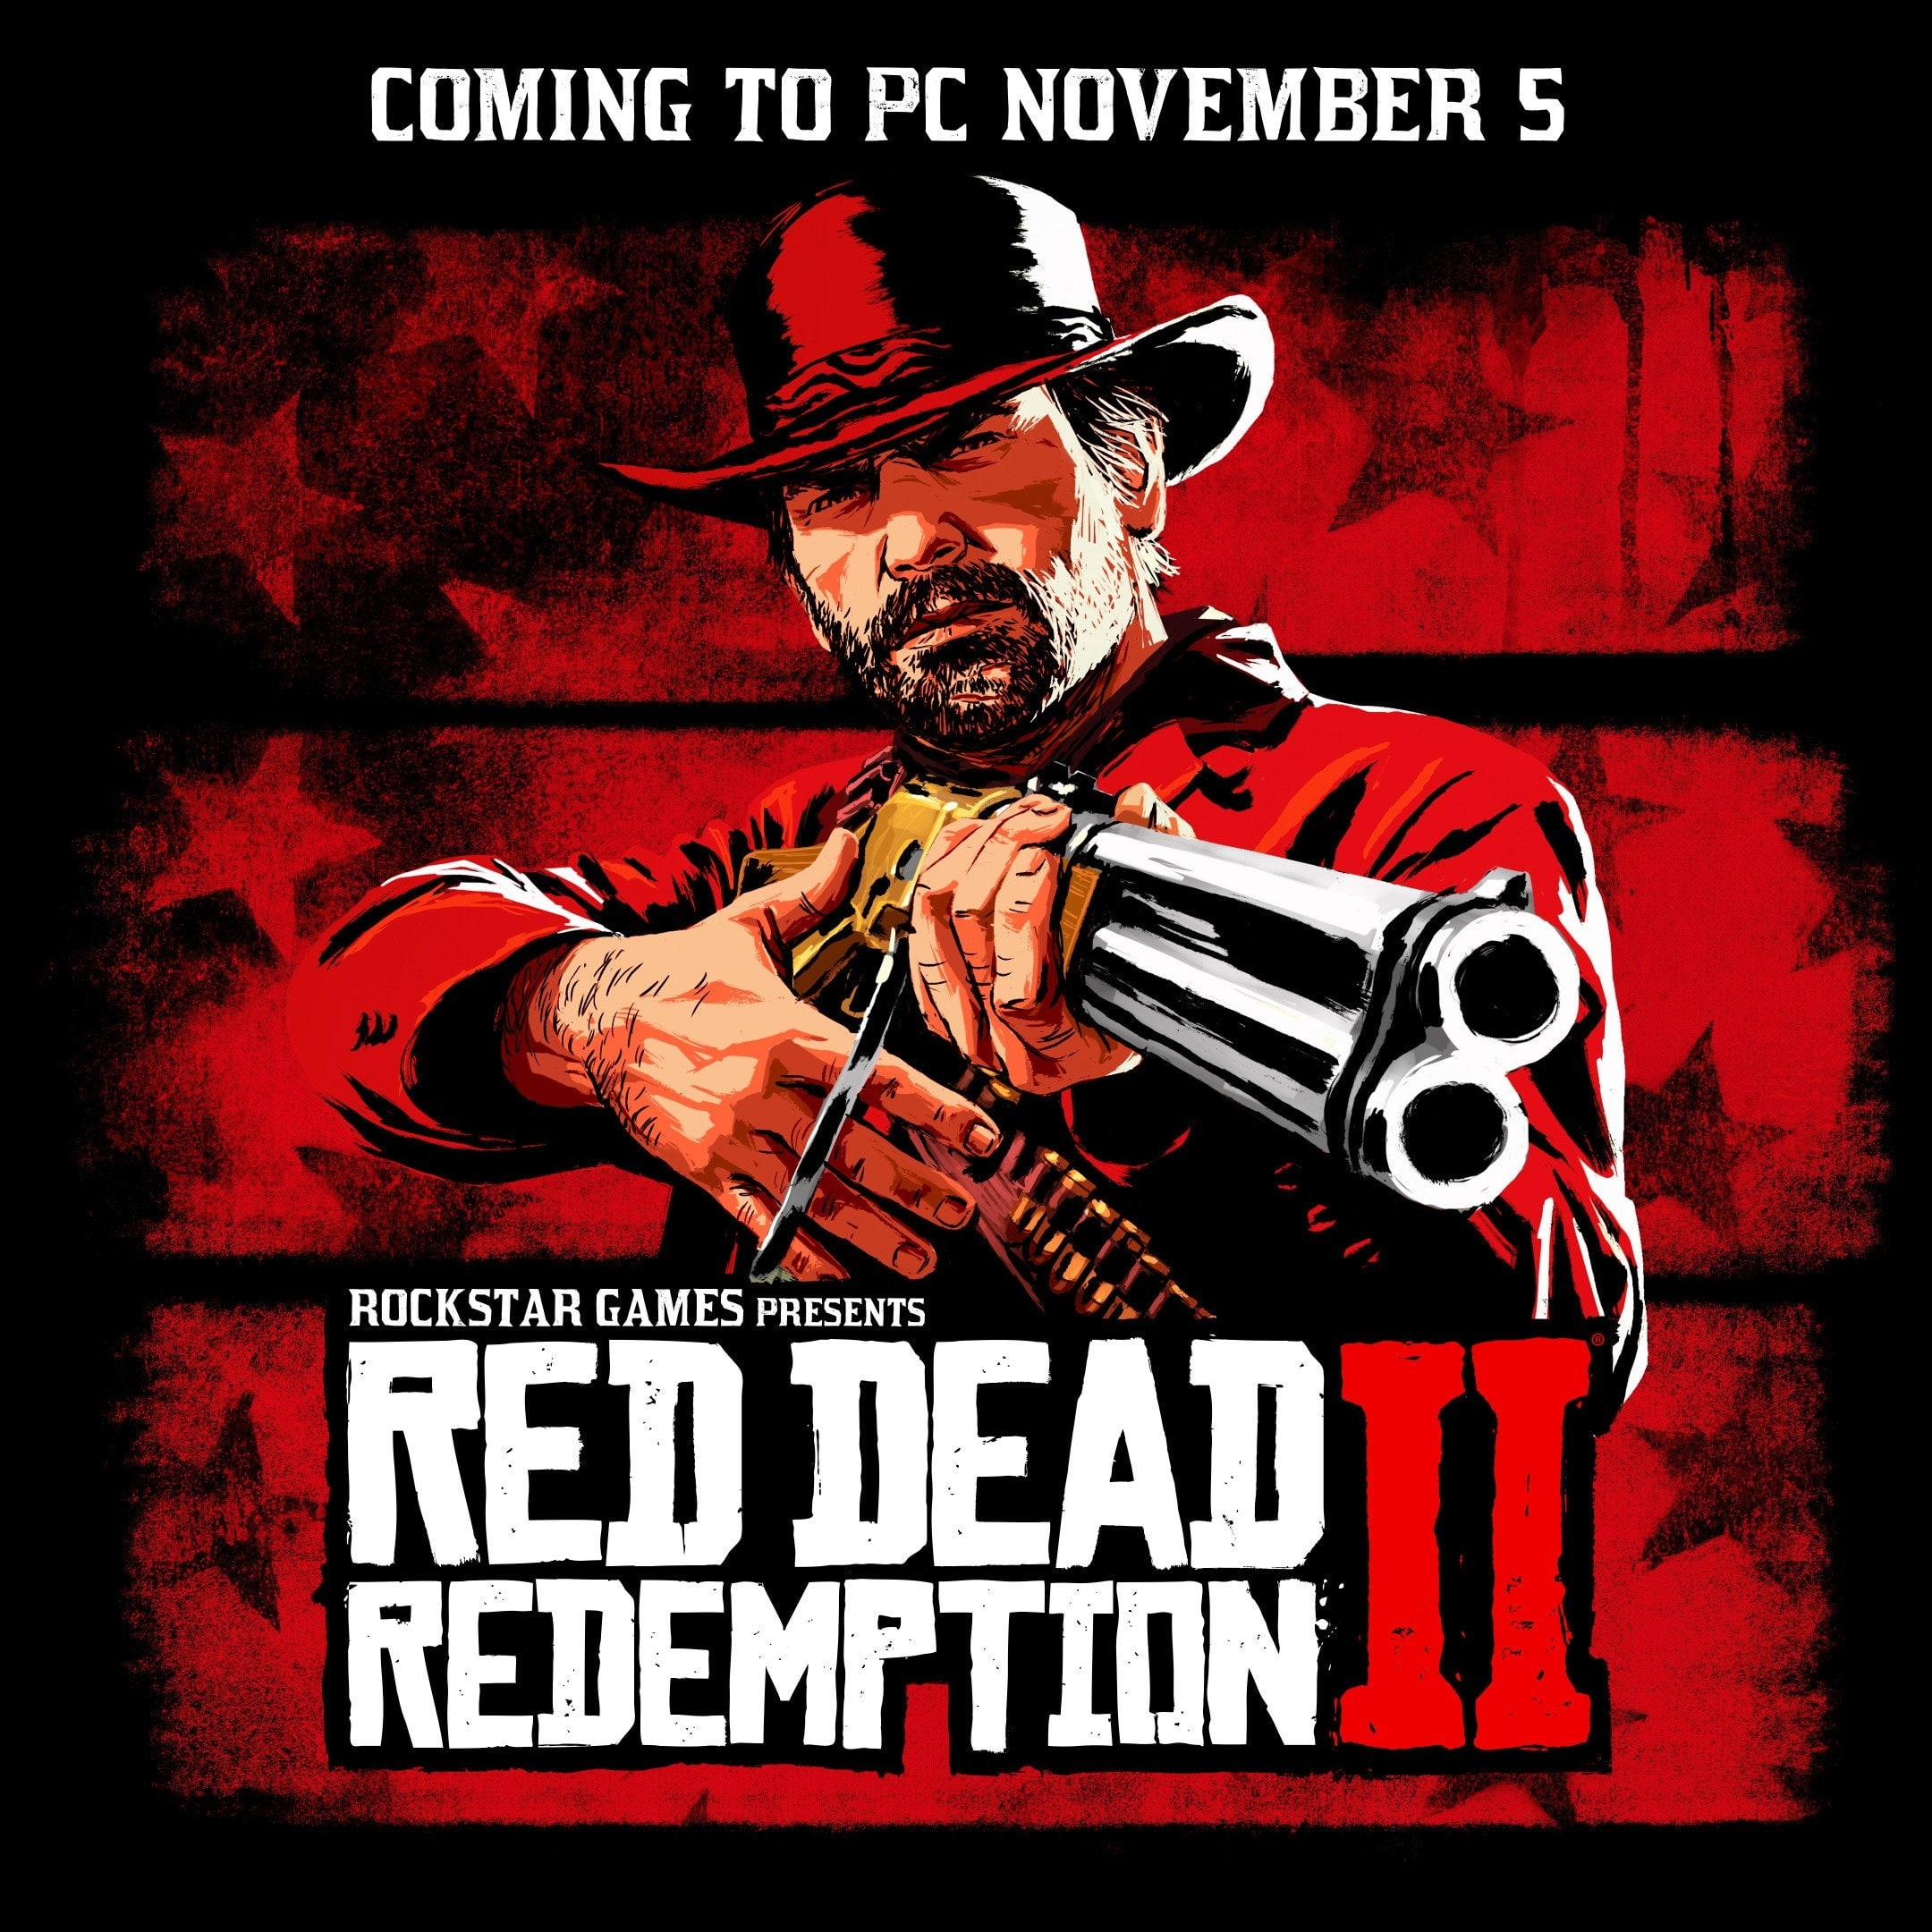 Red Dead Redemption 2 выйдет 5 ноября на ПК в Rockstar Games